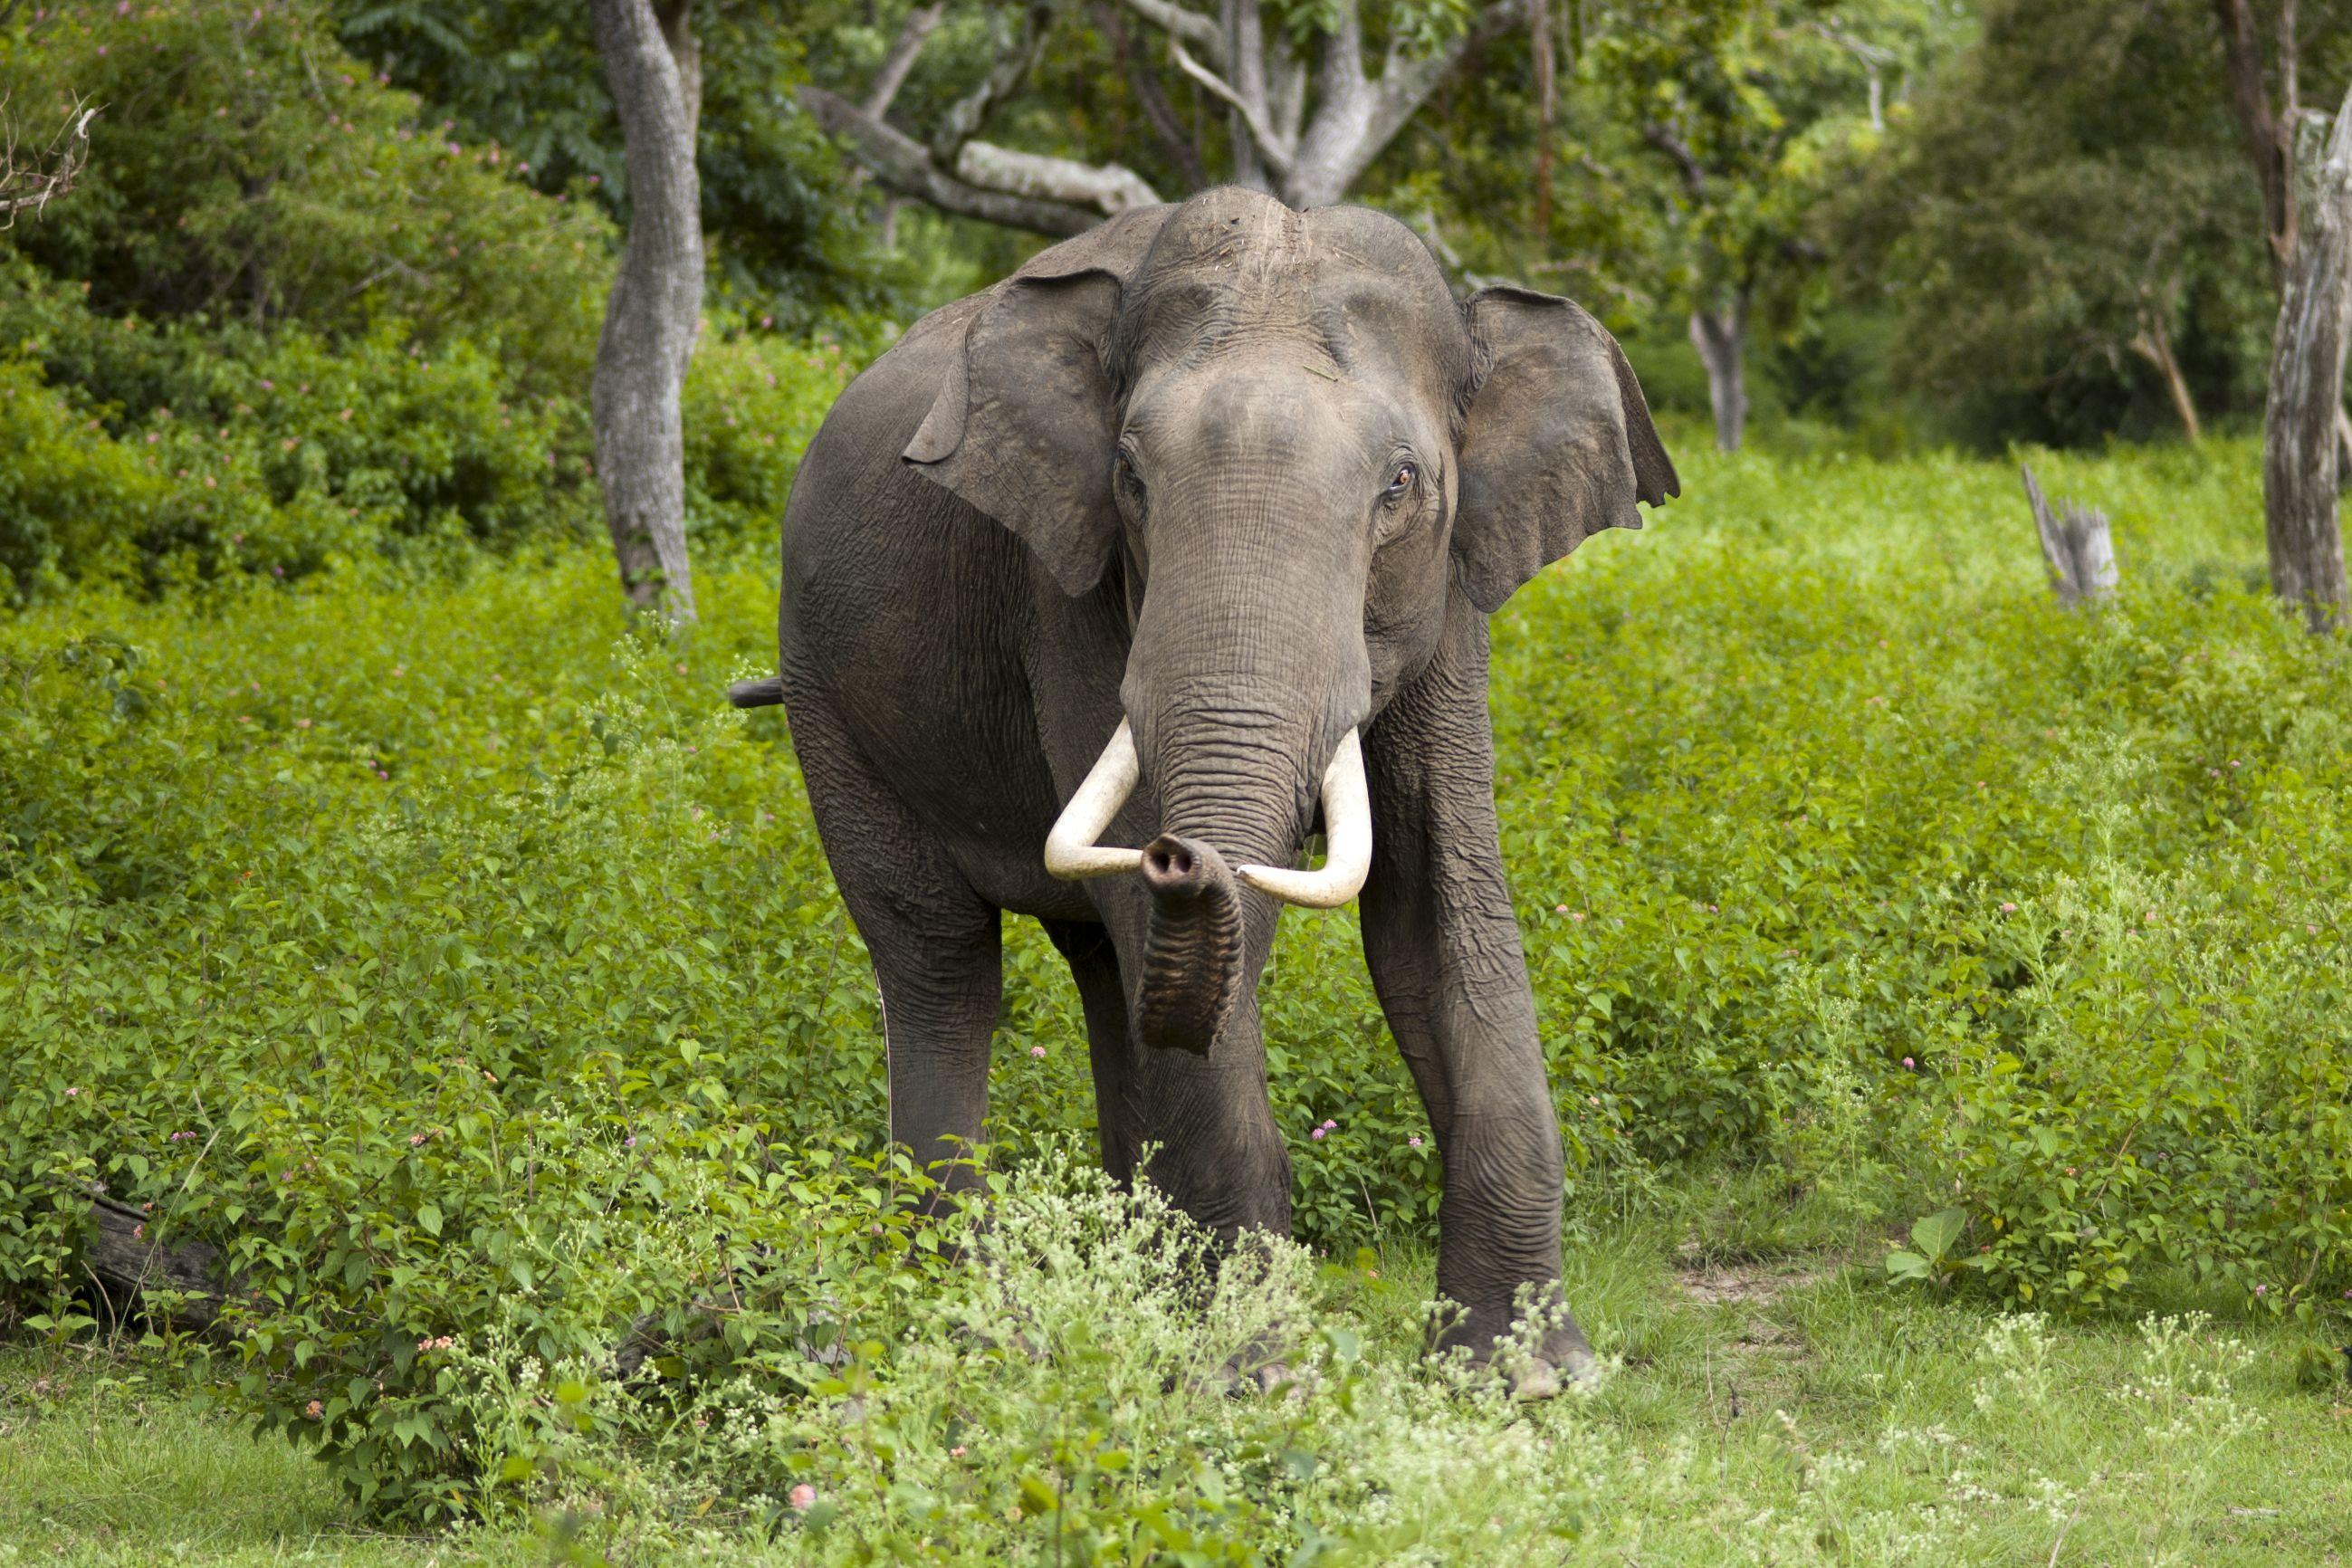 У слонов обнаружили индивидуальные черты характера